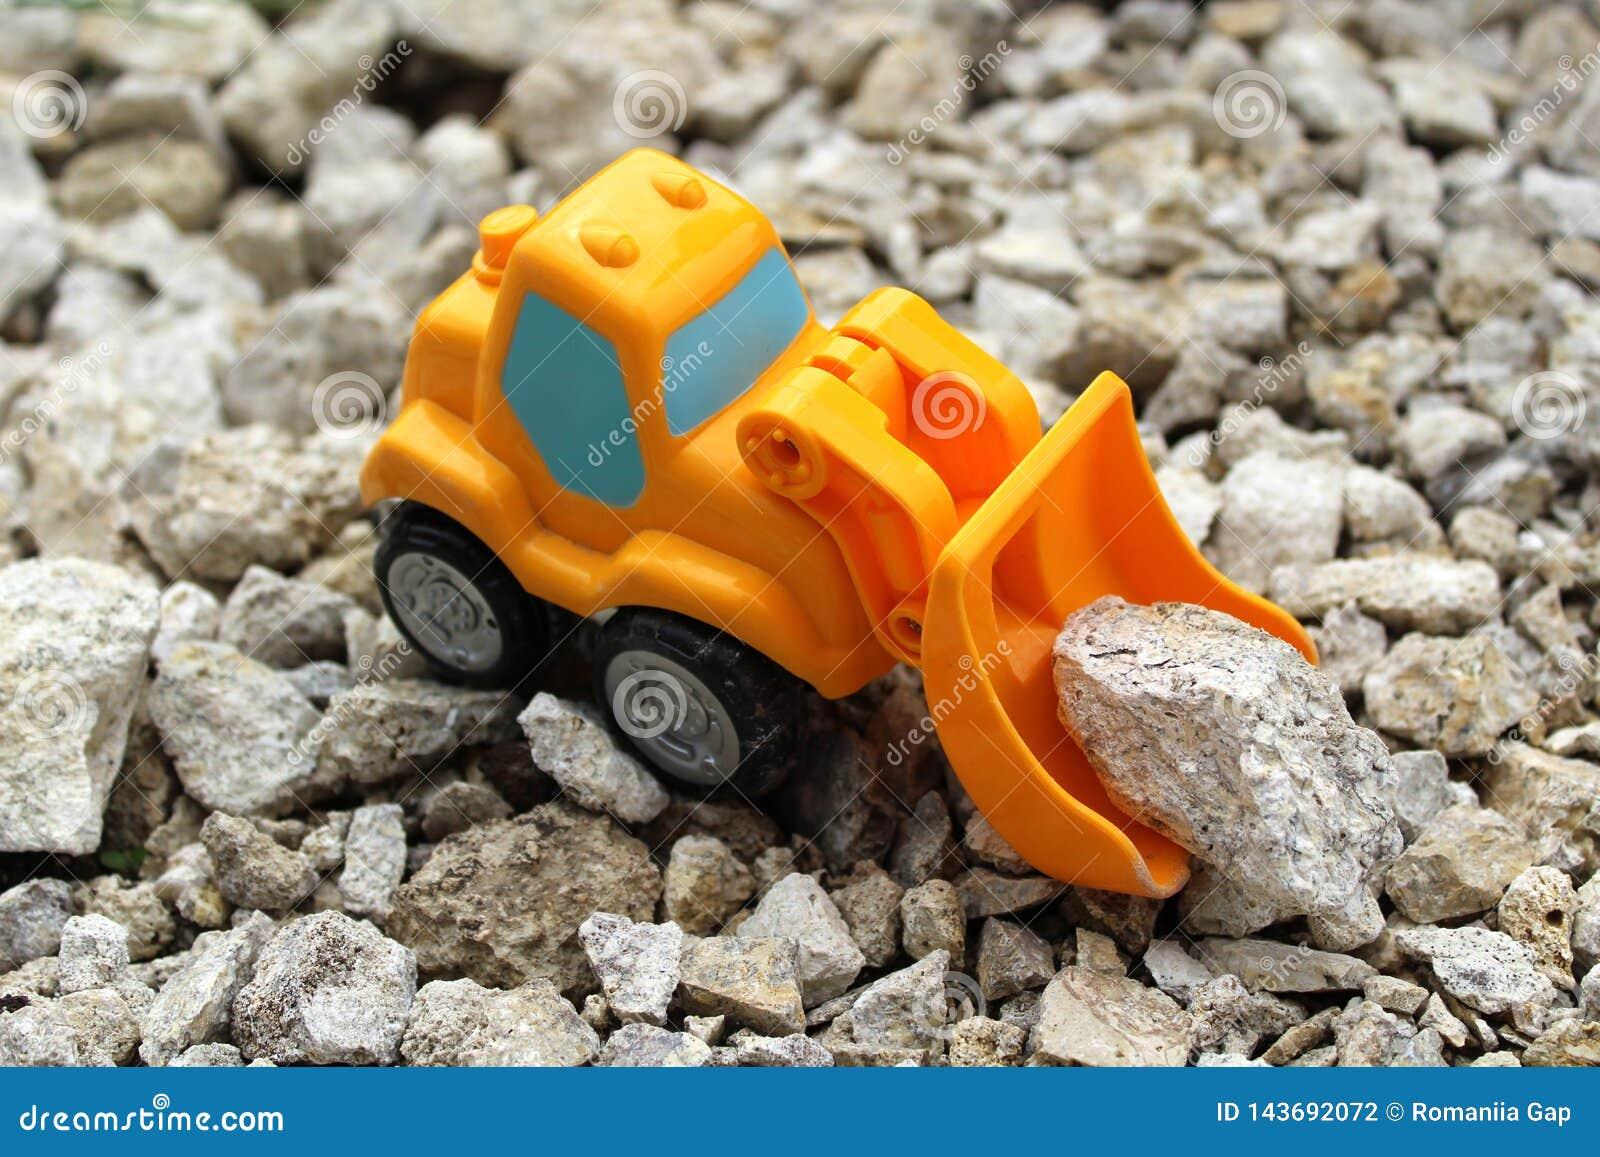 Um escavador alaranjado pequeno do brinquedo pegara pedras cinzentas